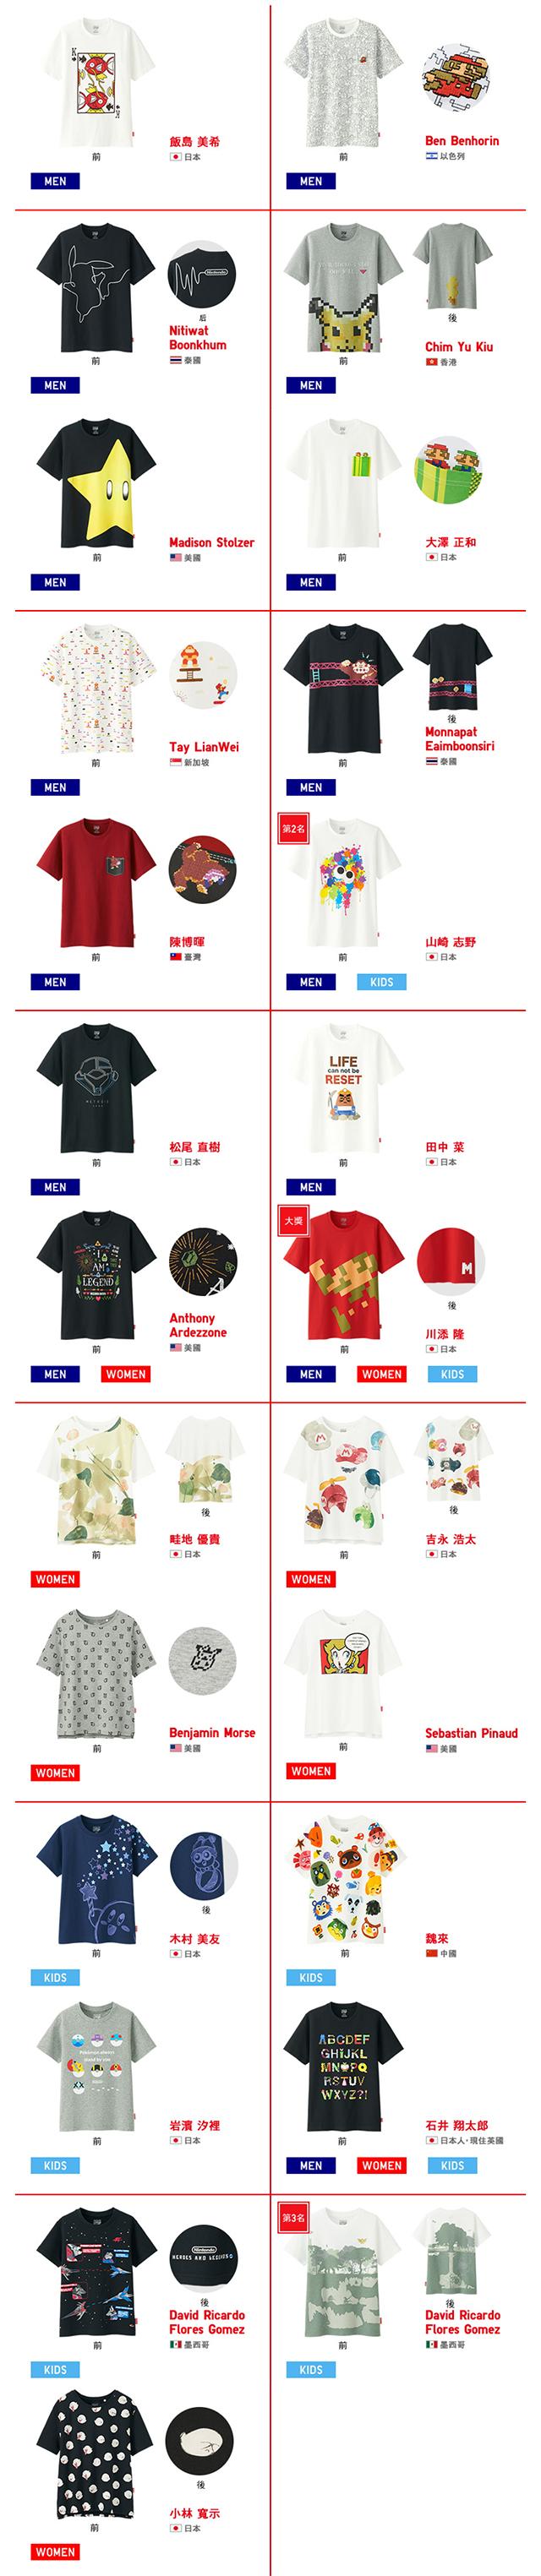 任粉狂熱!UNIQLO「UTGP2017 任天堂主題 T-Shirt」收錄10款名作,全 25 樣式 05 月 19 日發售!